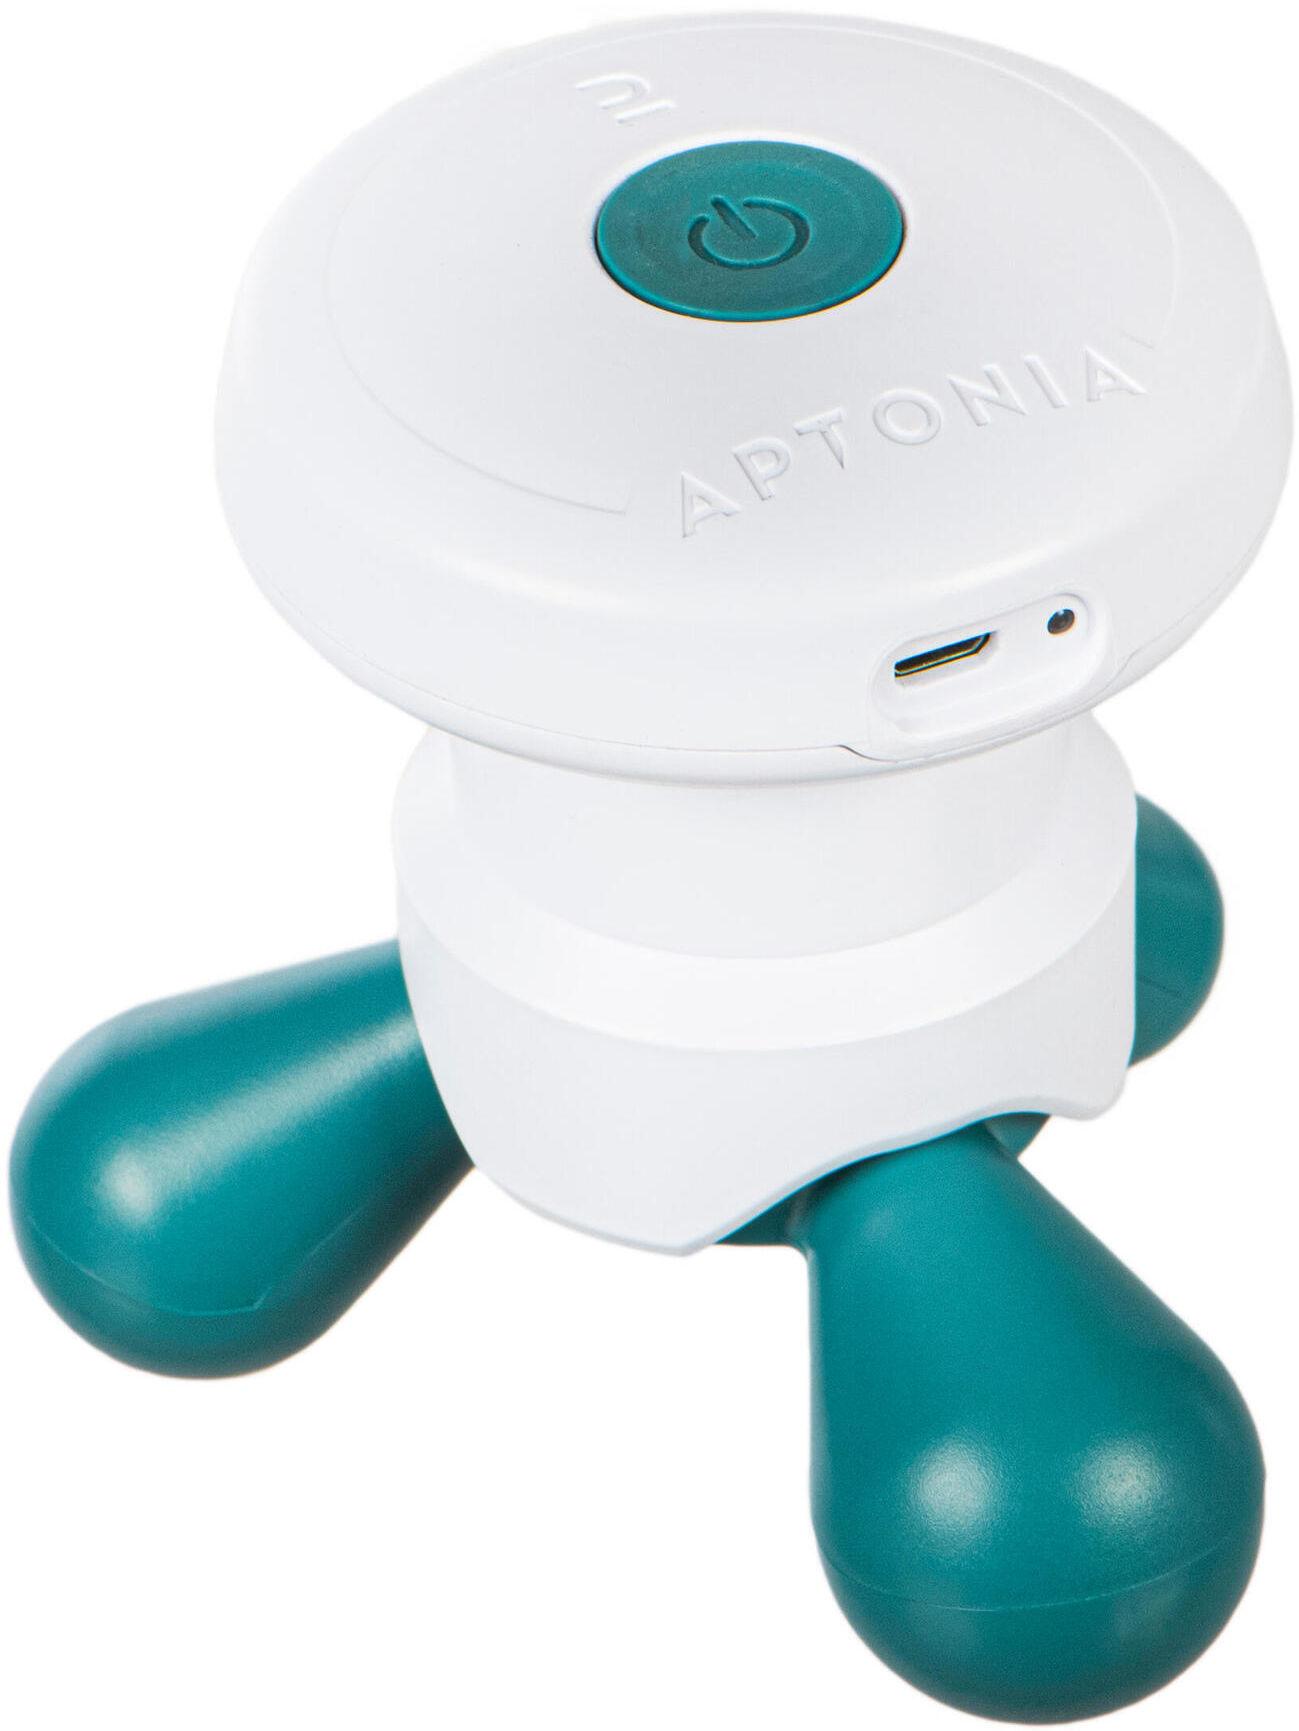 Elektroniczna, wibrująca rączka do masażu